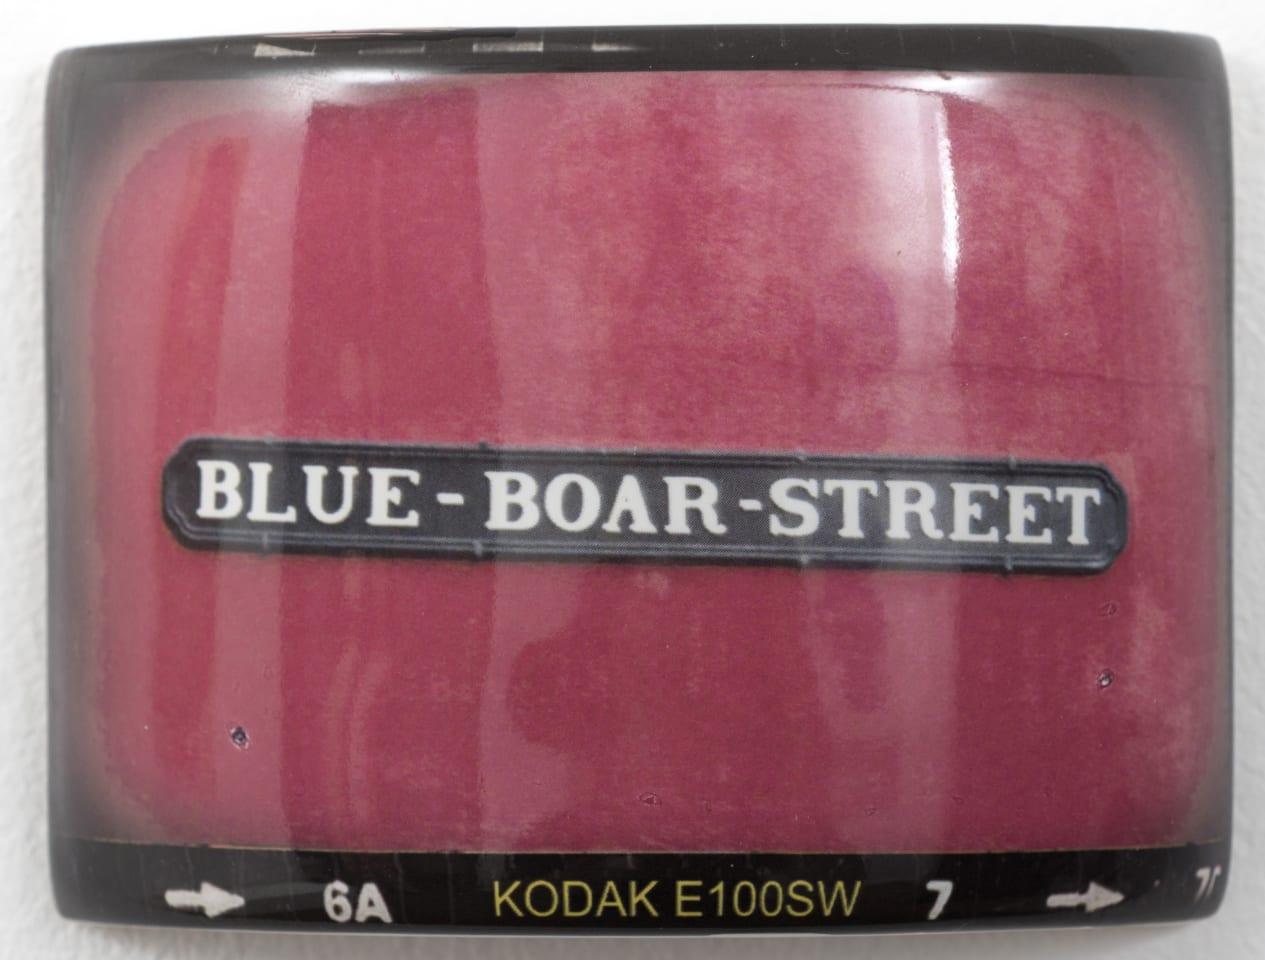 David Rhys Jones, Blue Boar Street